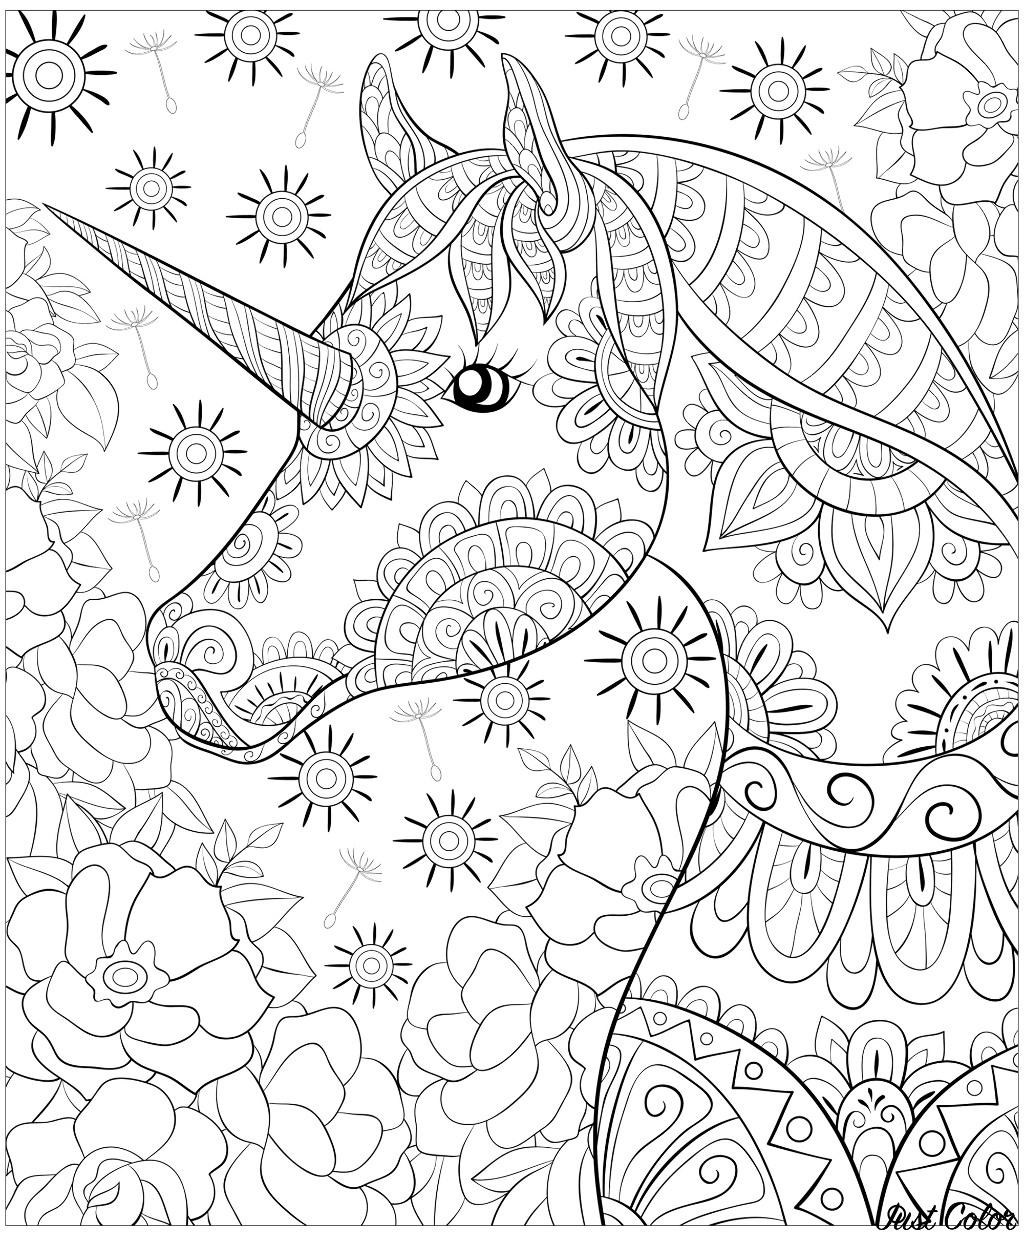 Magnifique licorne, avec nombreuses fleurs très régulières